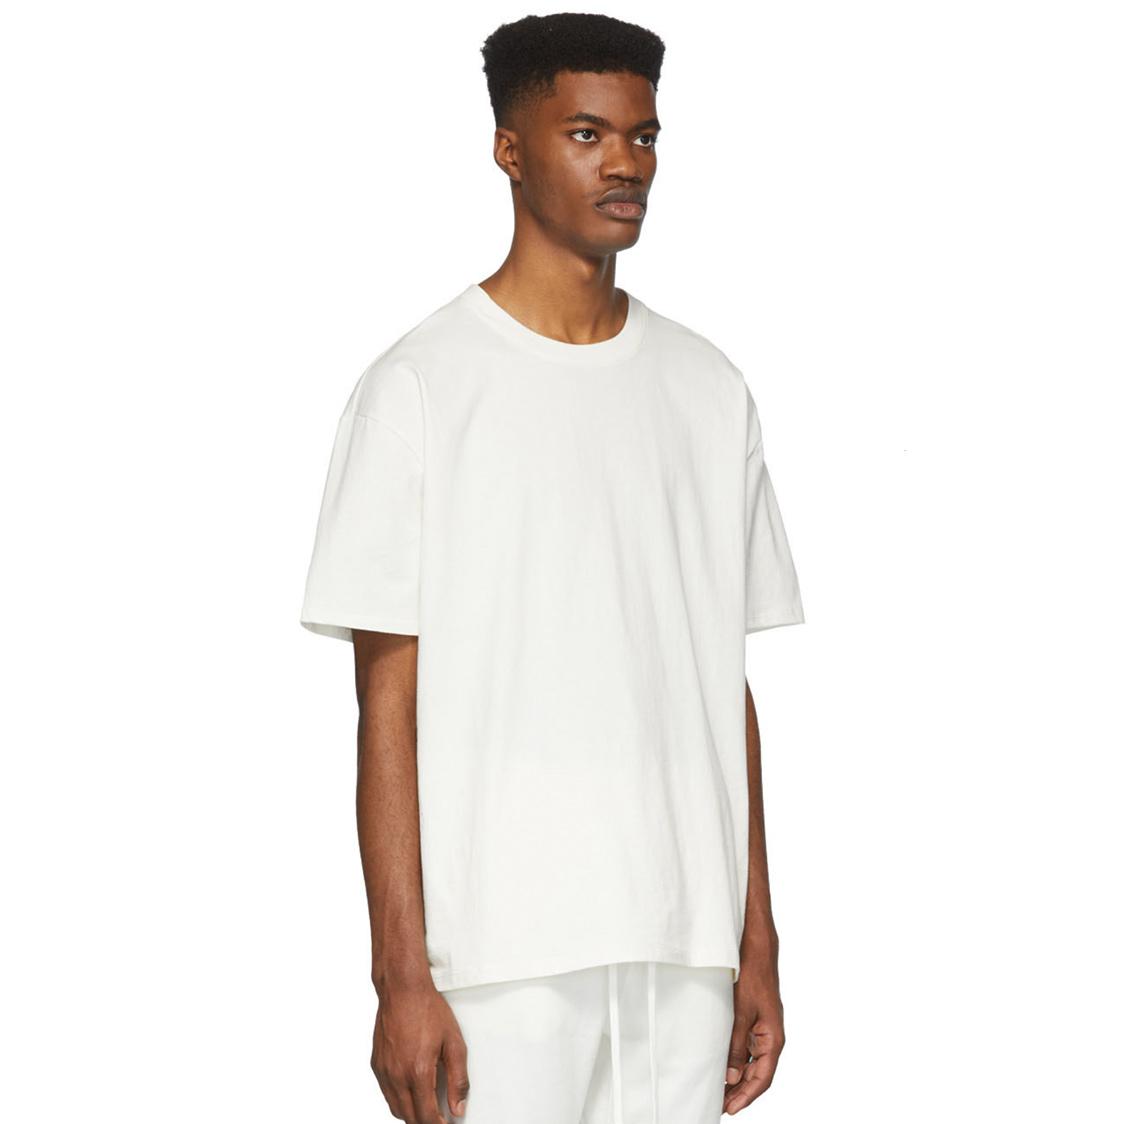 新品 Fear Of God Essentials フェアオブゴッド エッセンシャルズ 【Mサイズ】 バックプリント ロゴ Tシャツ ホワイト FOG